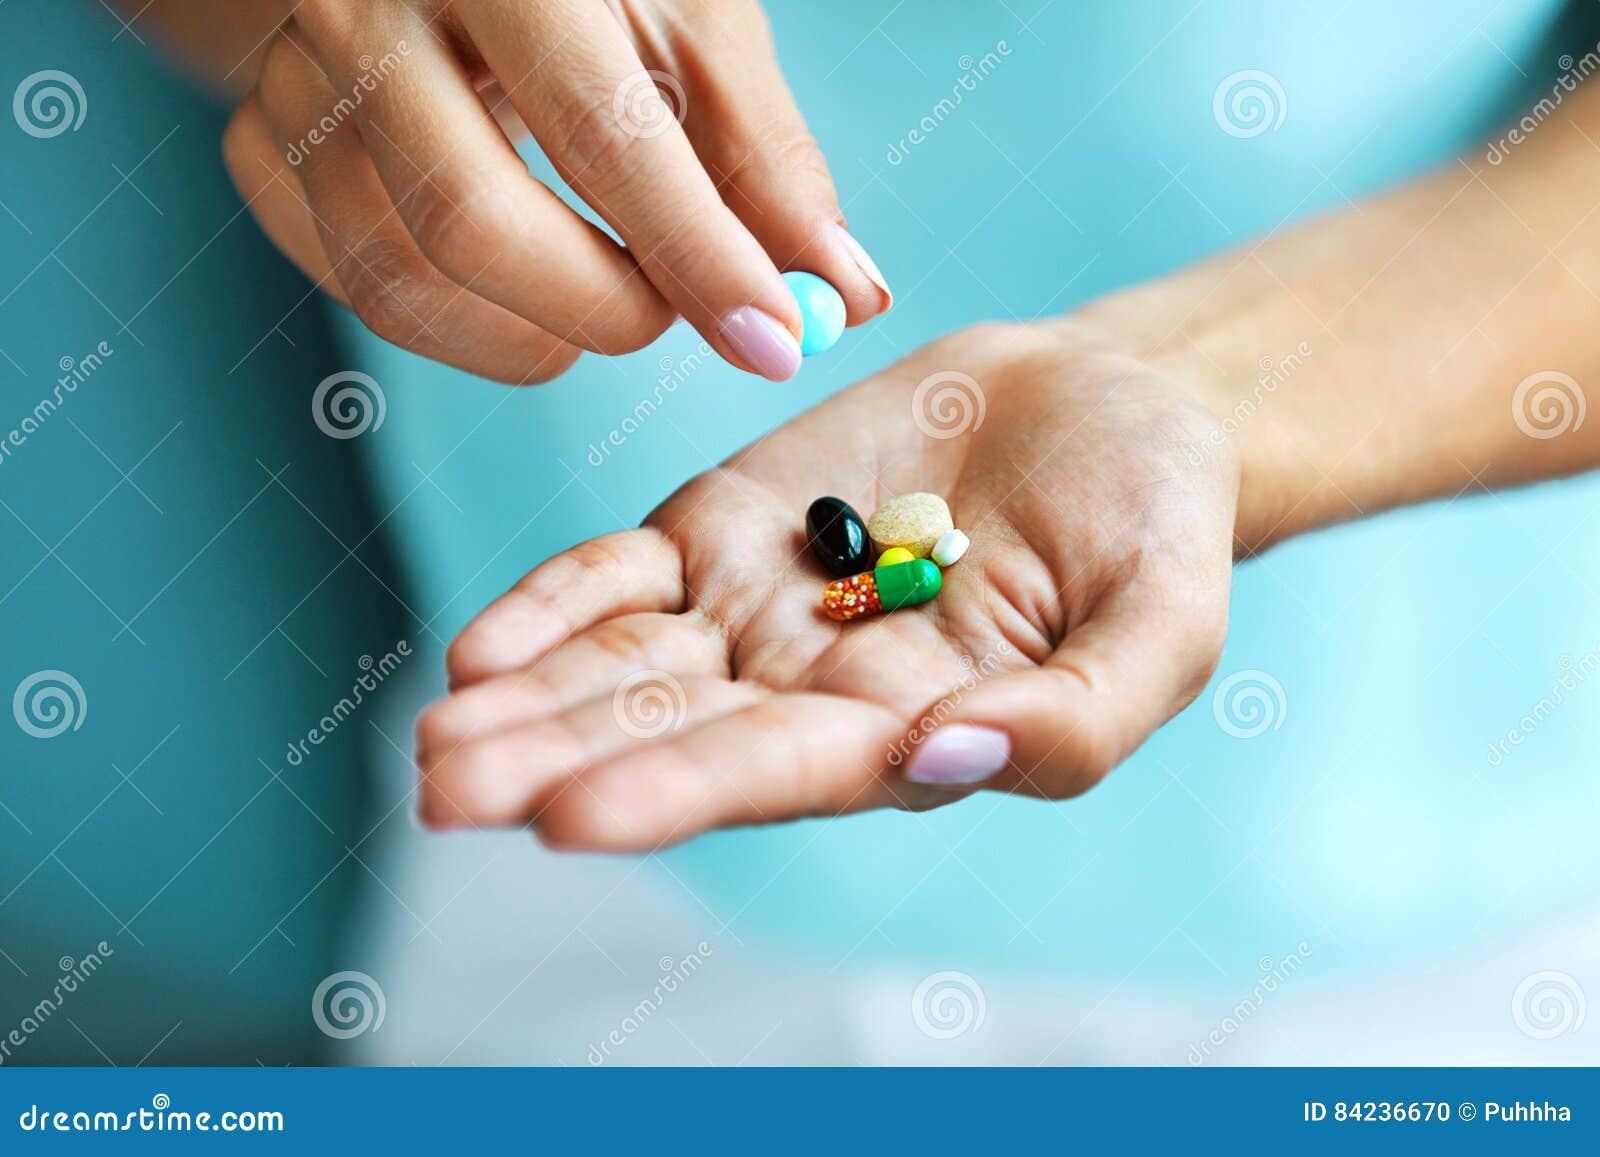 补充维生素 拿着五颜六色的药片的女性手